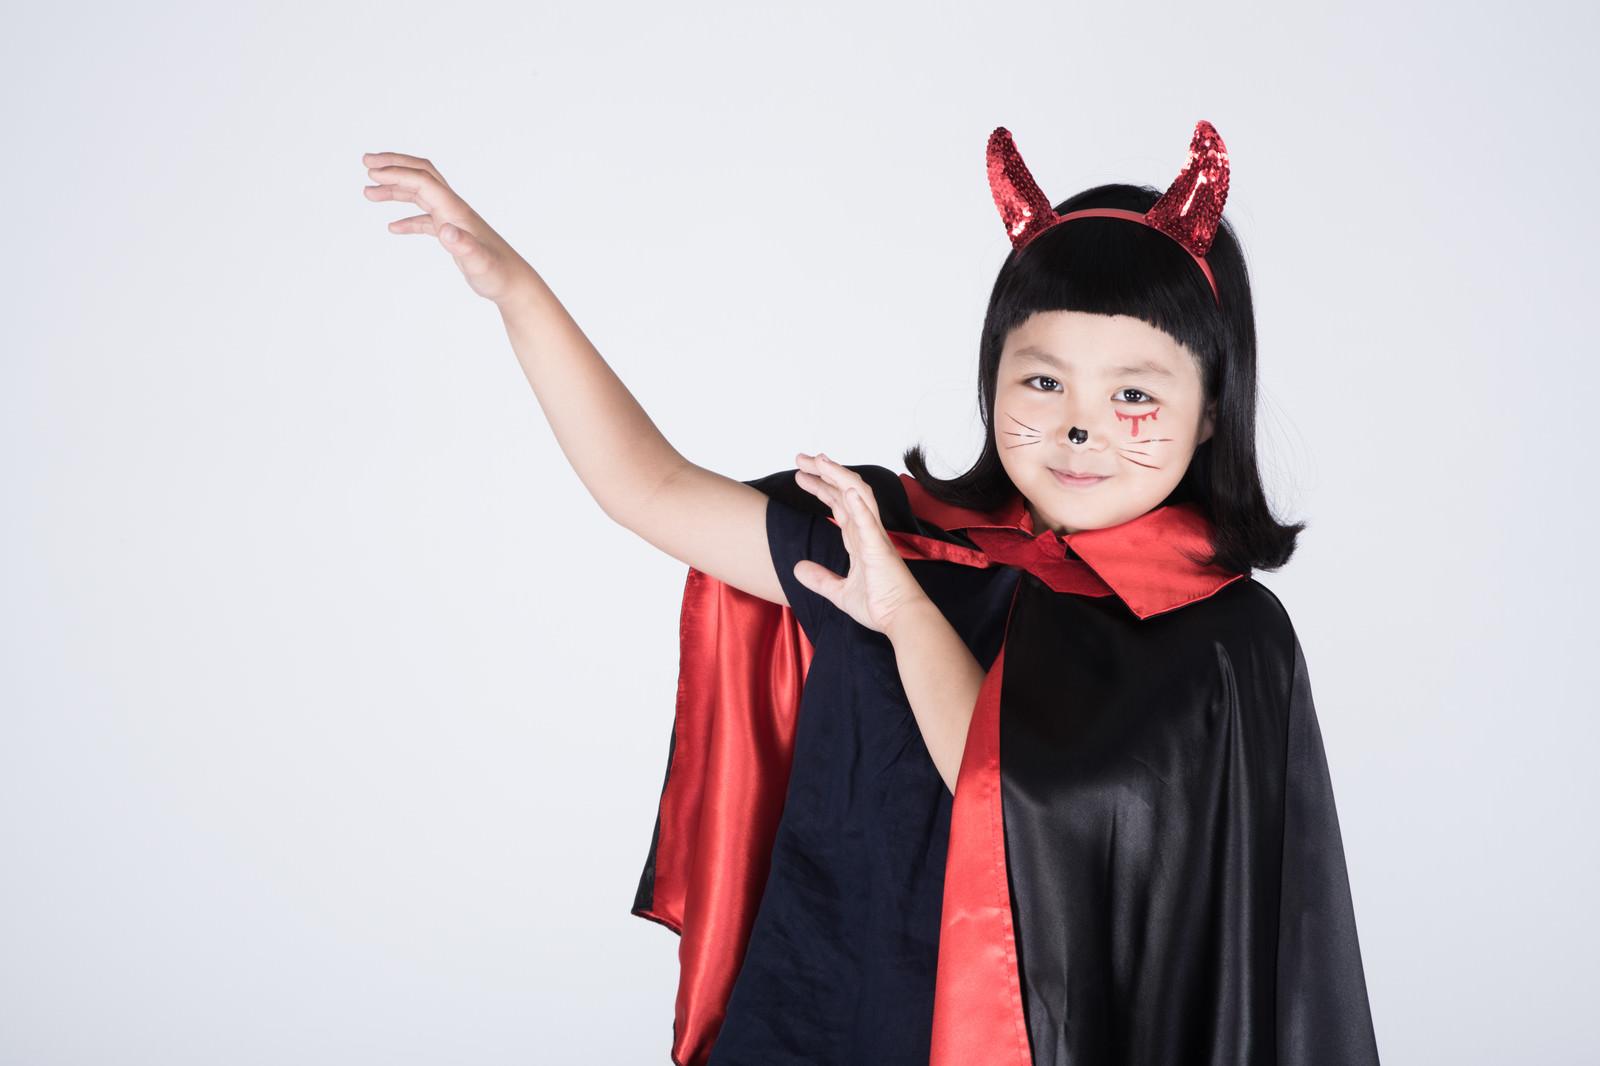 「強力な魔法を詠唱しはじめた子デビル」の写真[モデル:ゆうき]